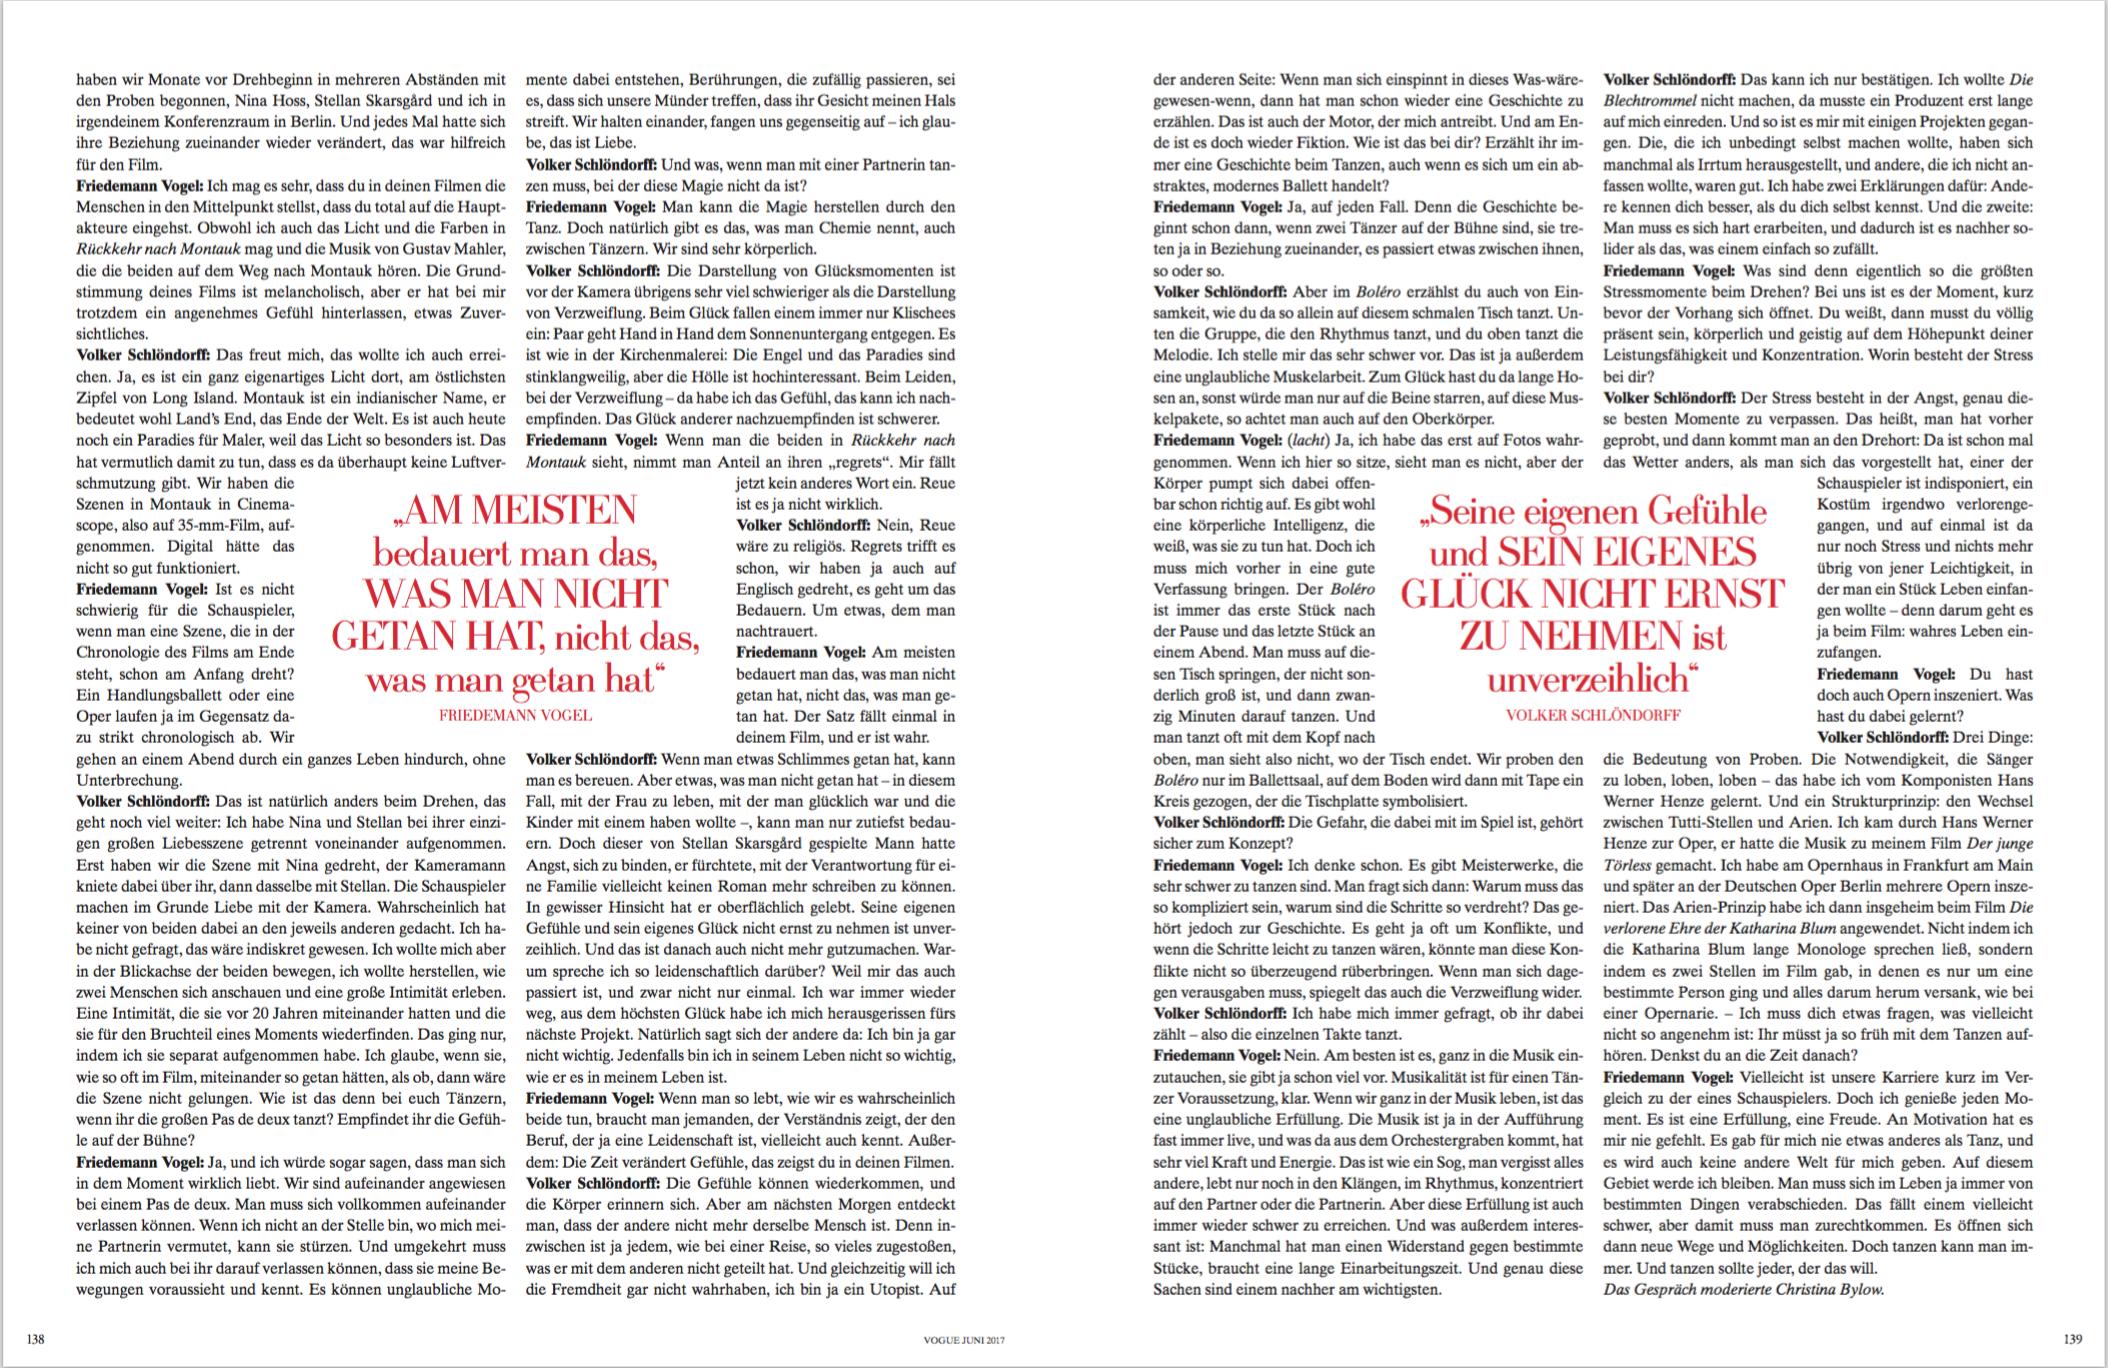 Vogue DE conversation p3.png